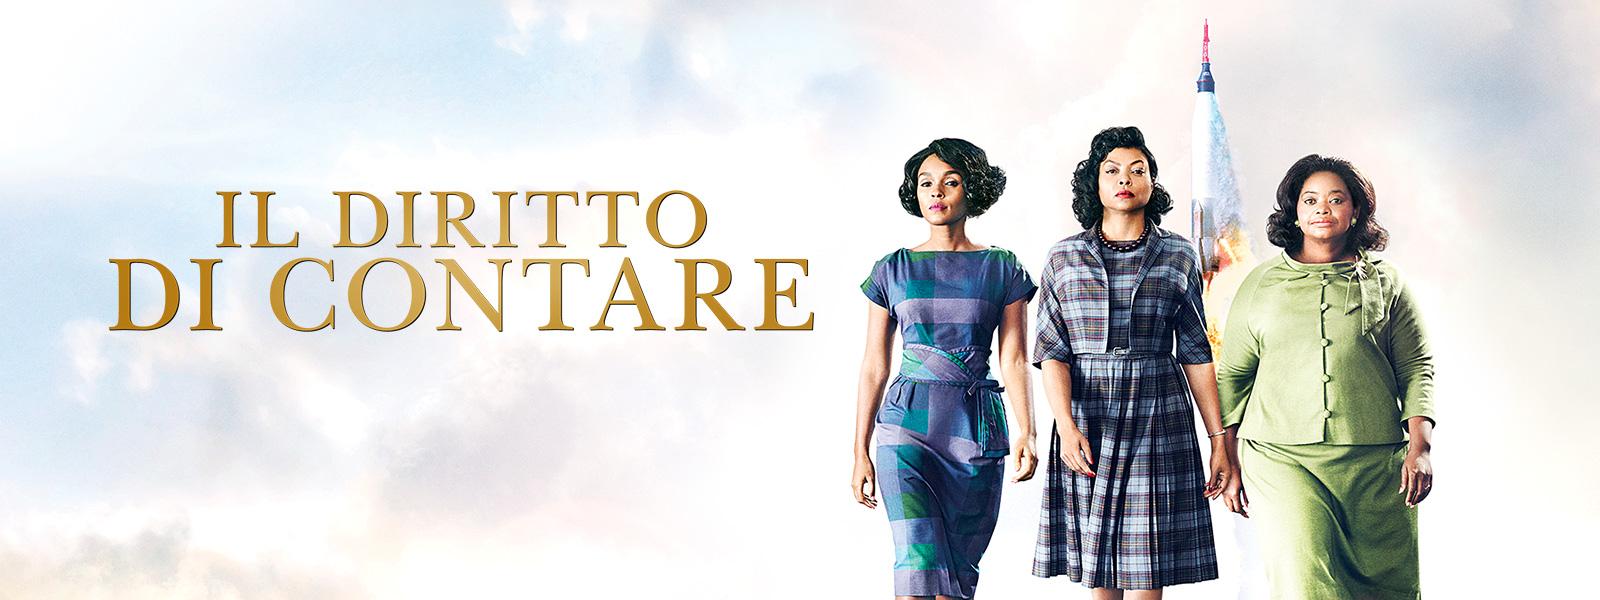 """RASSEGNA CINEMATOGRAFICA INVERNALE 2019  """"MARTEDI' AL CINEMA"""" 26 marzo ore 21:00 IL DIRITTO DI CONTARE Casa del Popolo. via Don Veneziani, 64 -Rivergaro (PC)"""